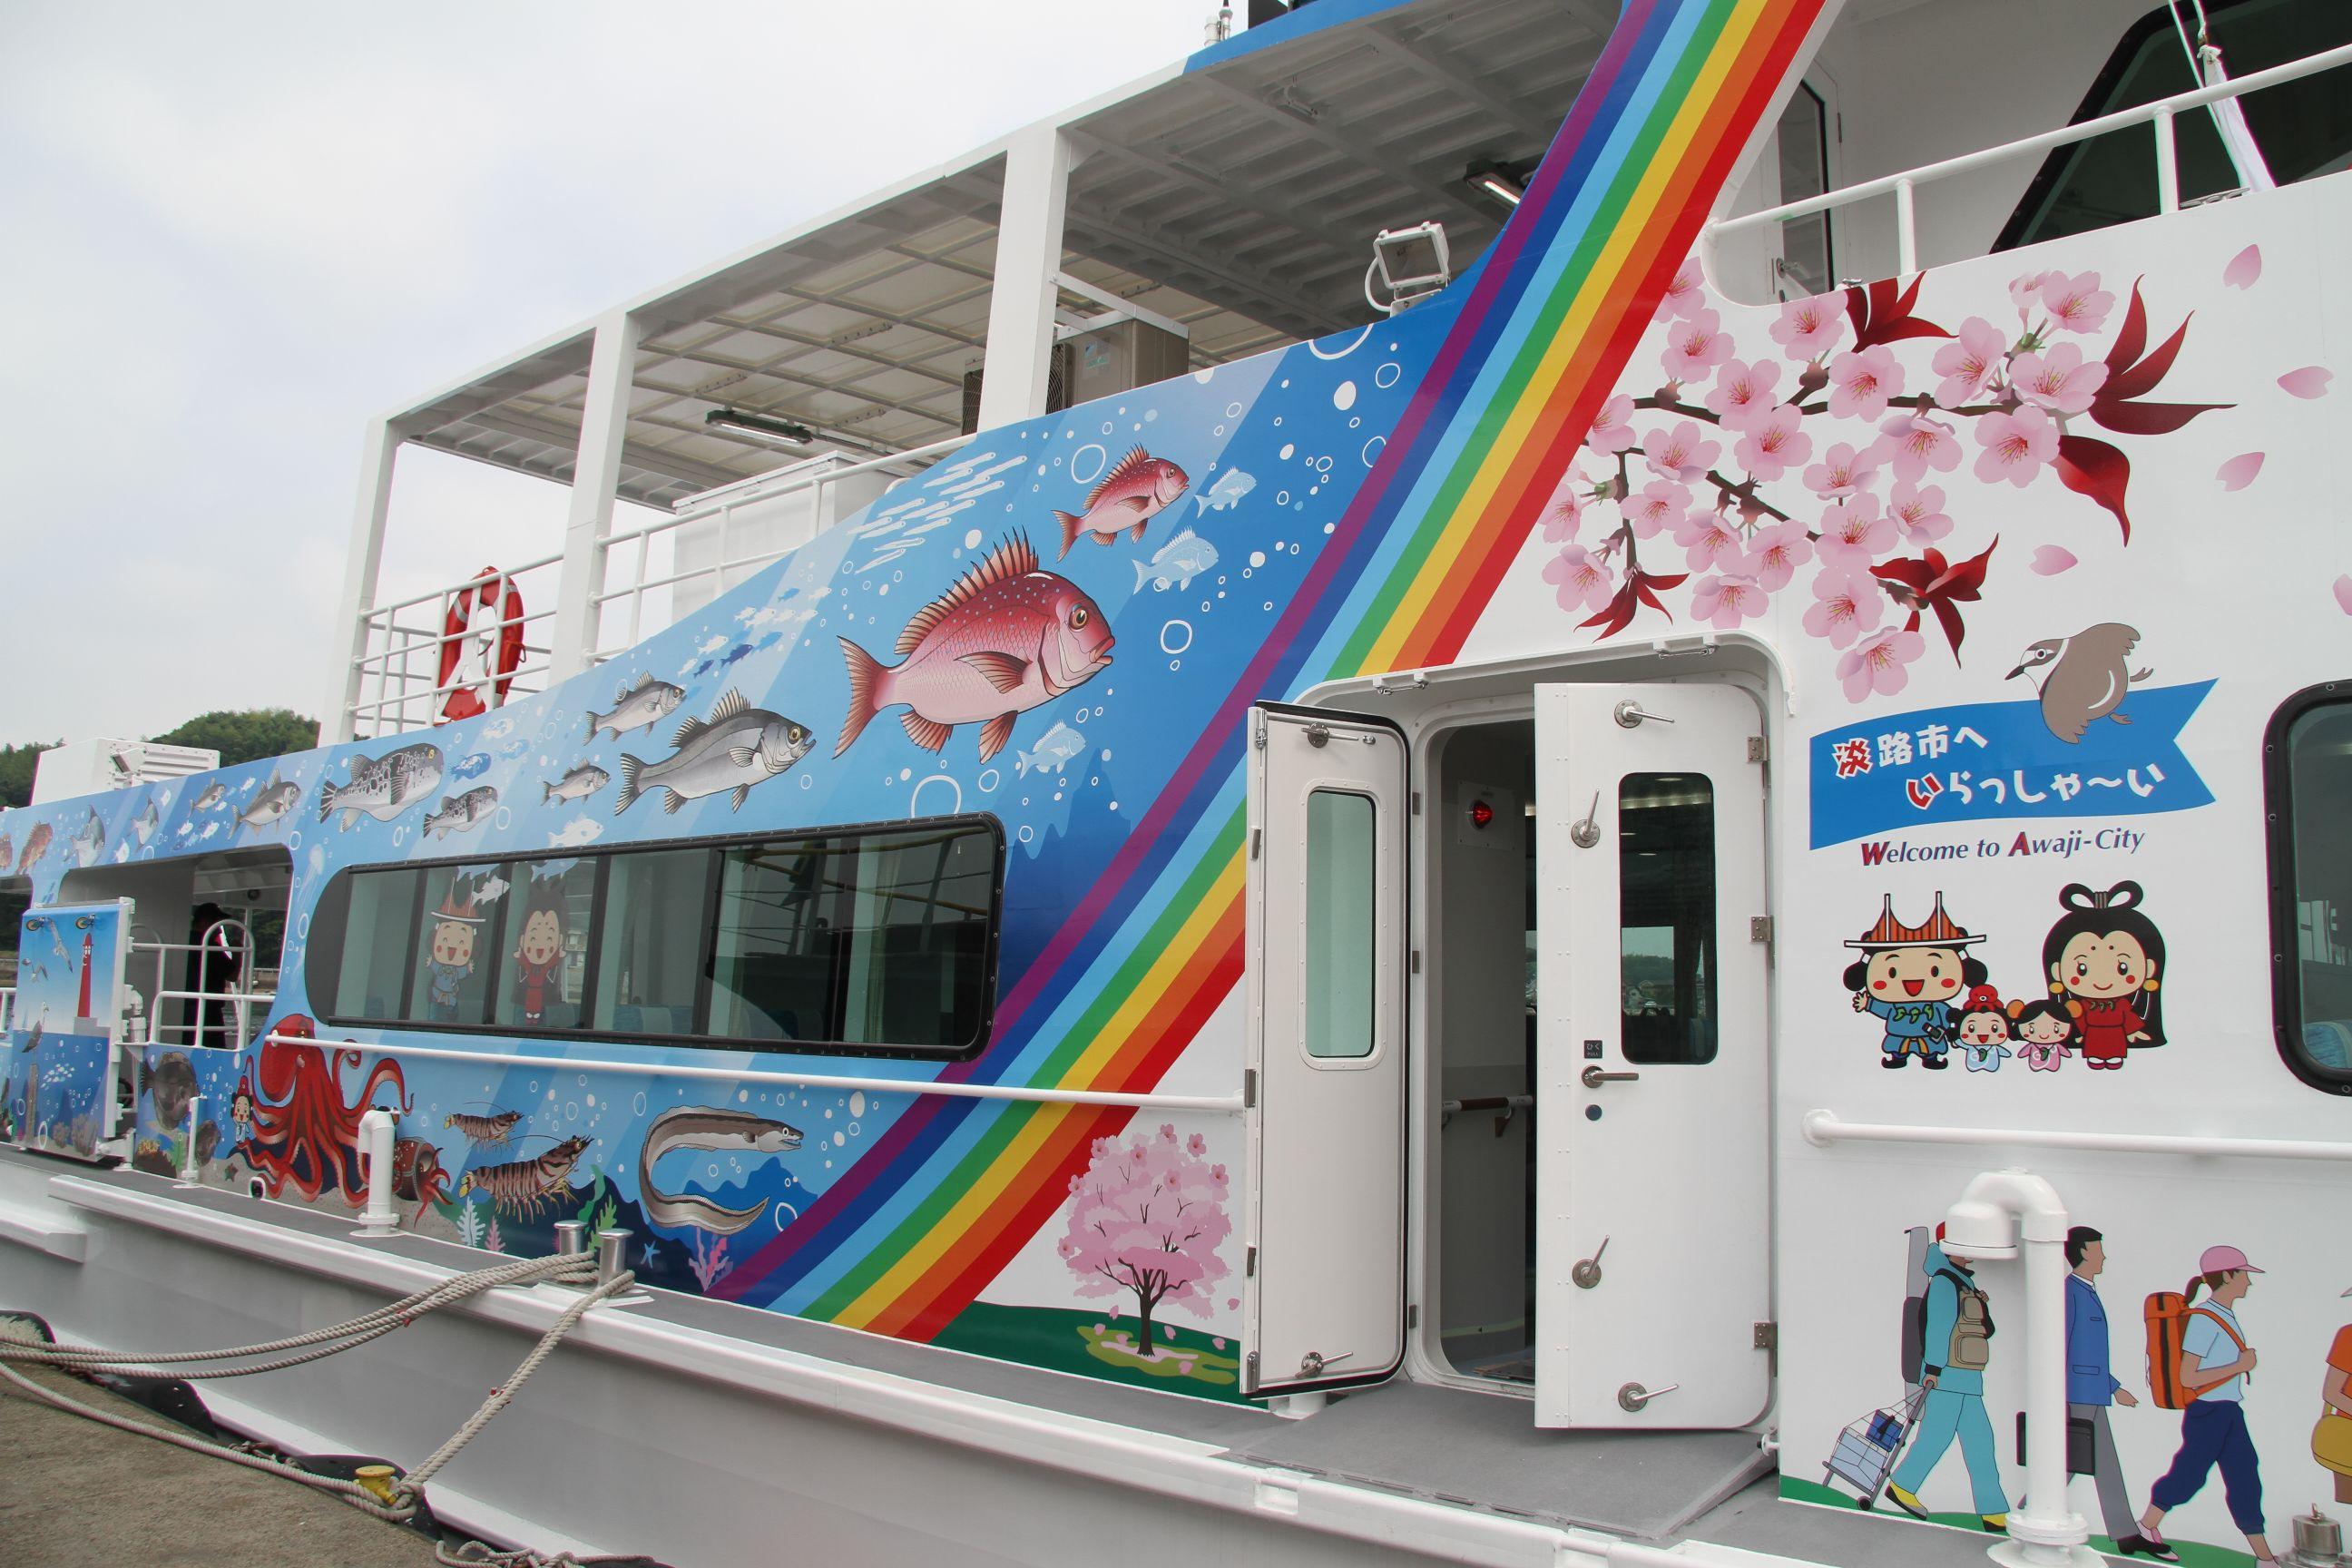 ラッピングもかわいい、明石海峡航路新船舶「まりん・あわじ」